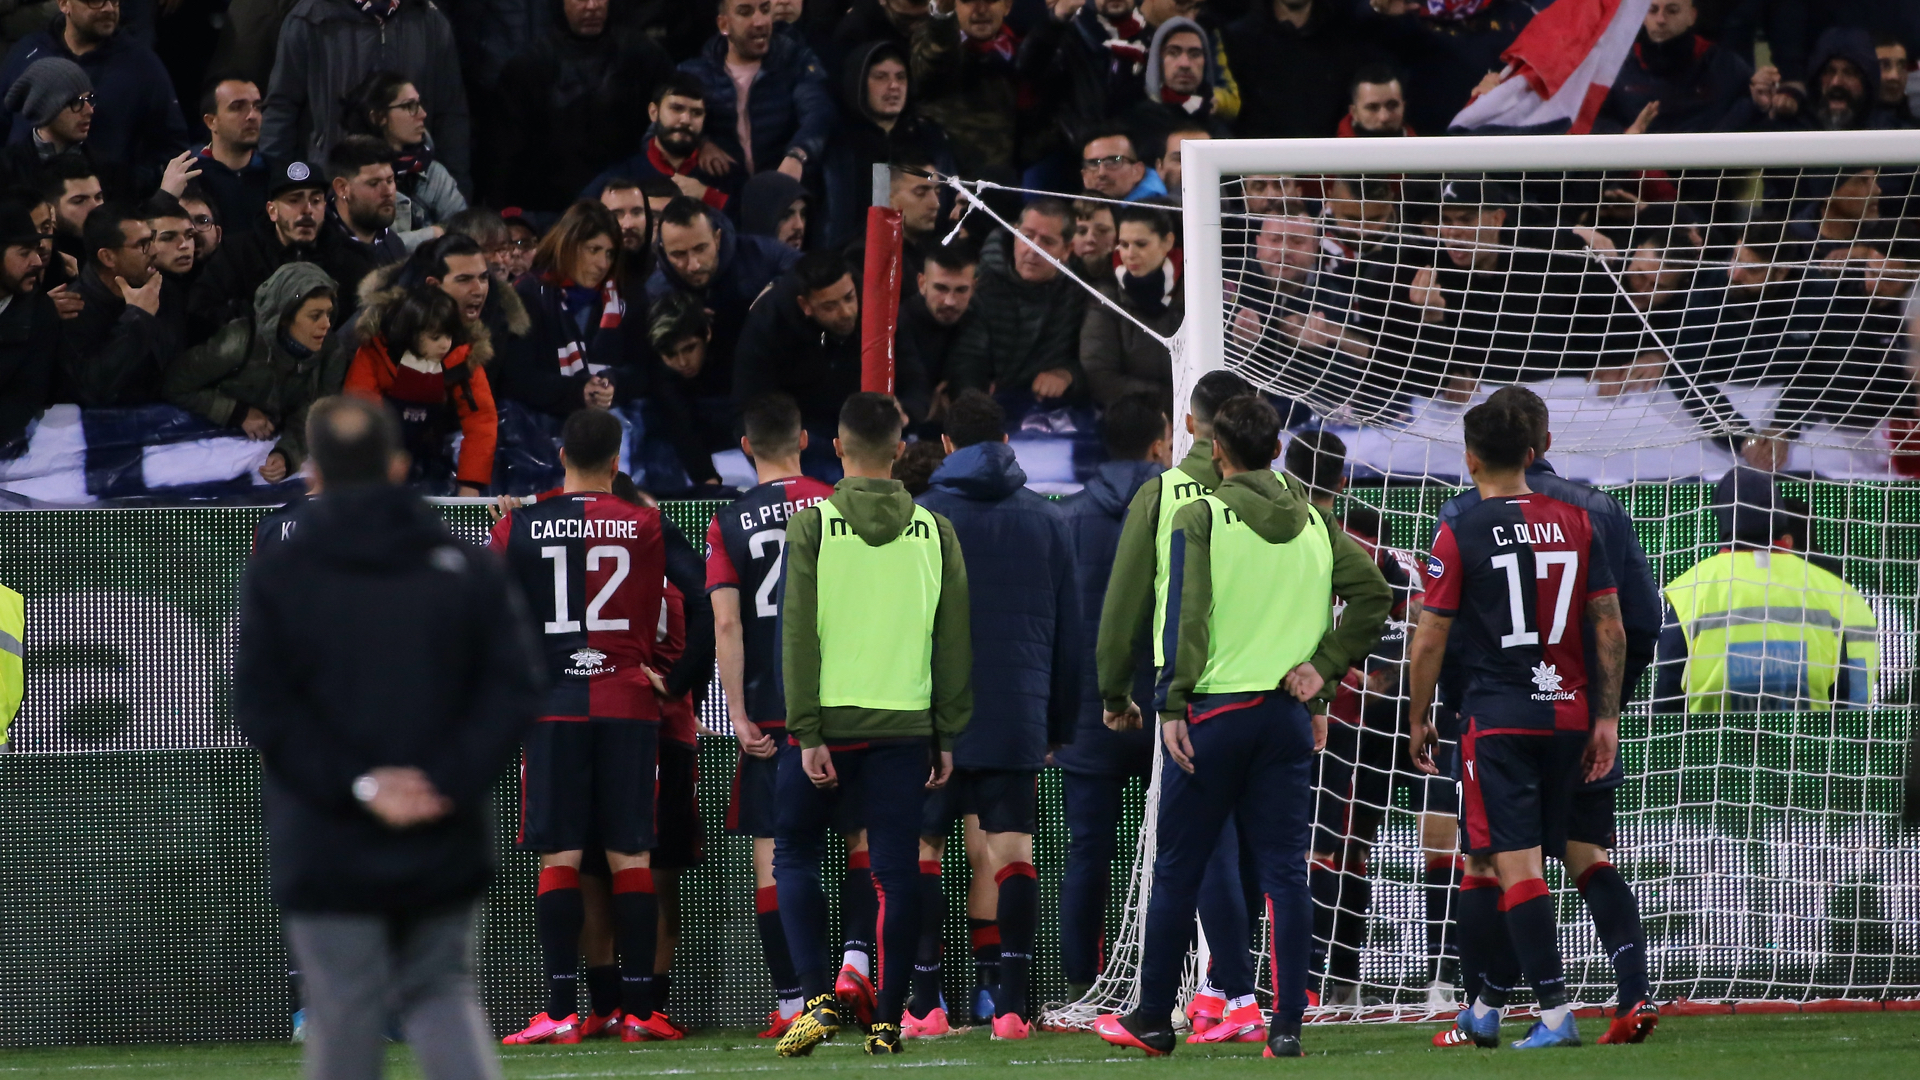 Le beau geste de l'AS Roma envers ses supporters